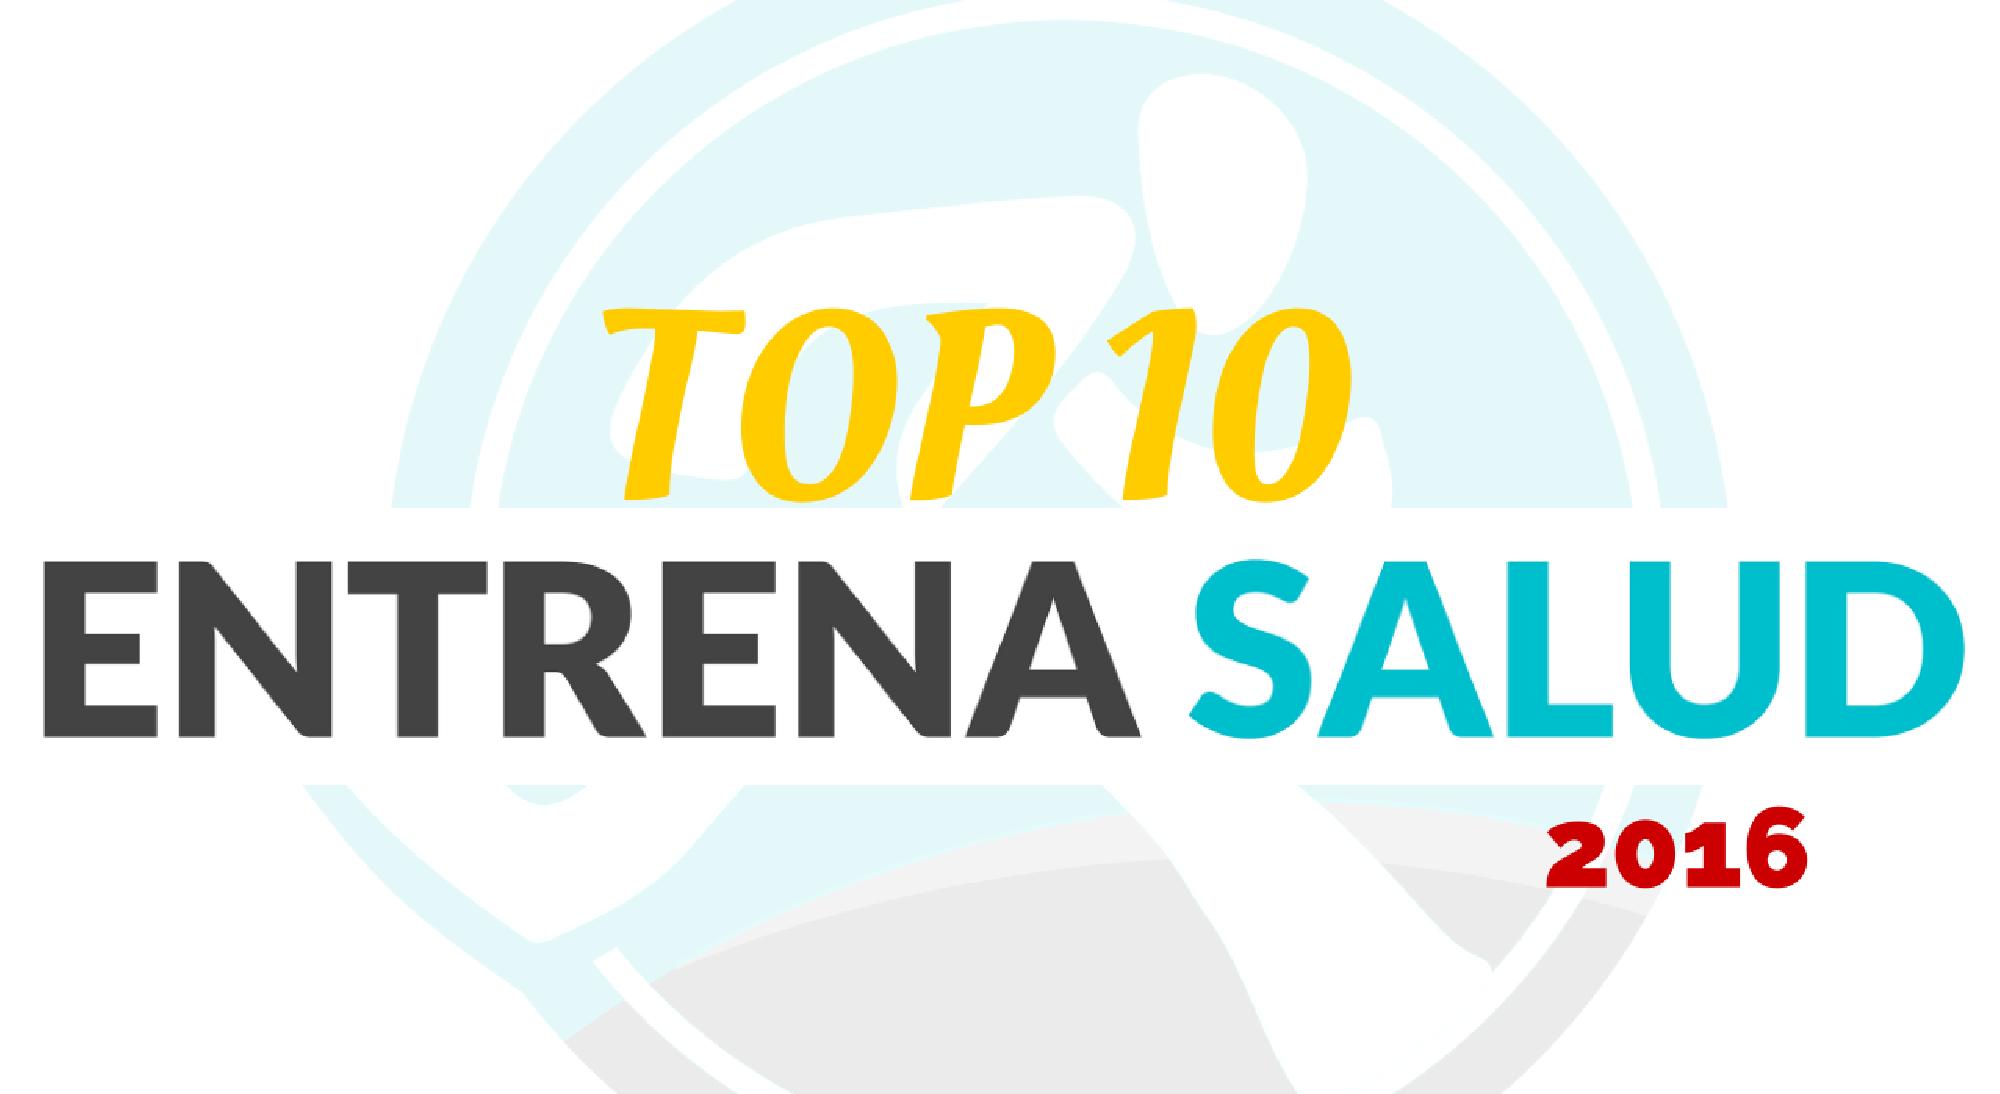 TOP-10-ARTICULOS-MAS-LEIDOS-DE-ENTRENA-SALUD-EN-2016